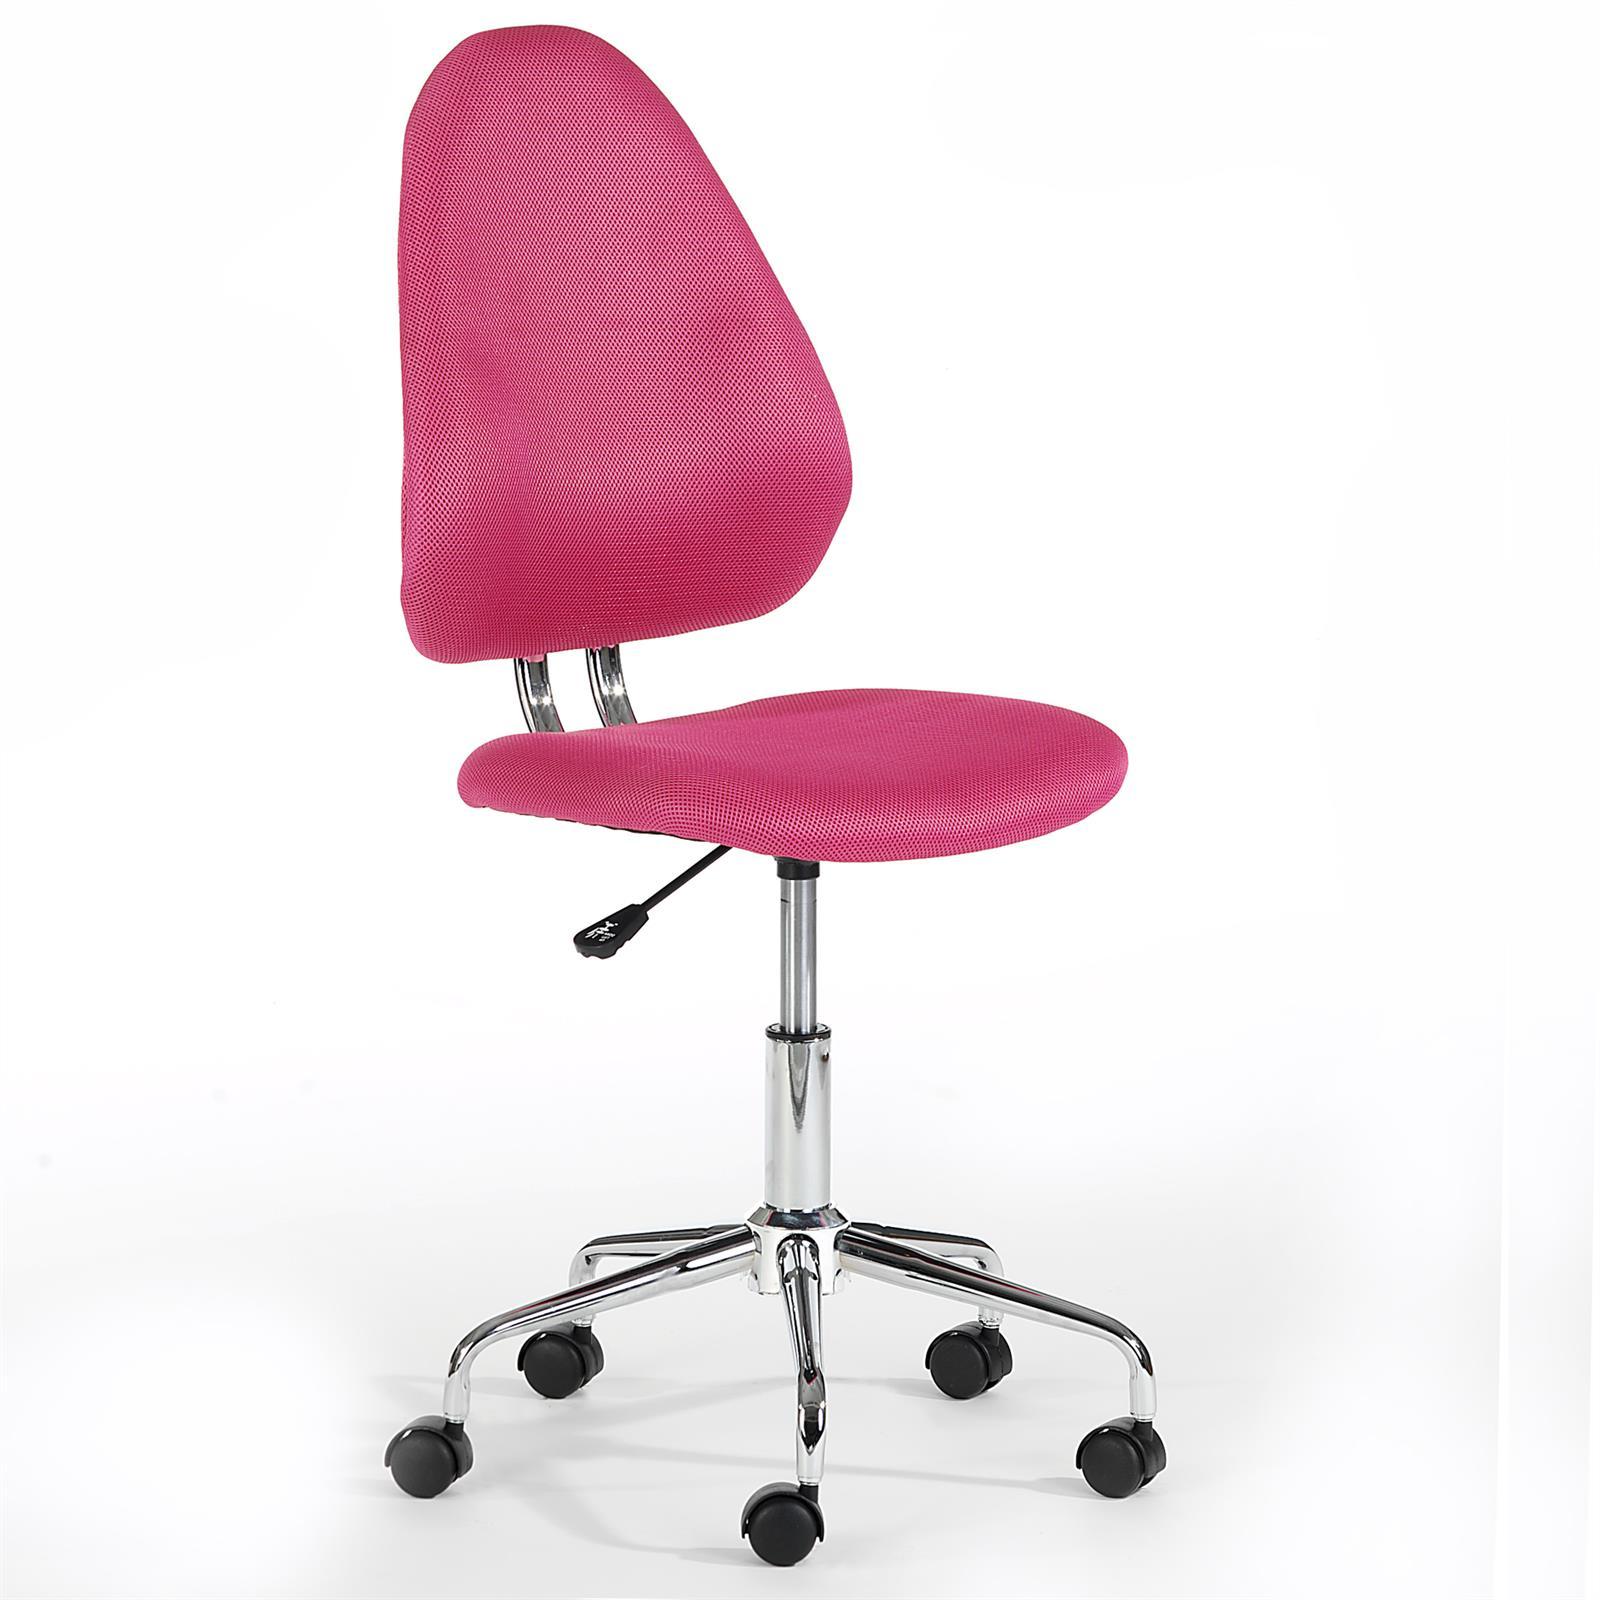 fauteuil chaise de bureau enfant hauteur r glable tissu 5 coloris disponibles ebay. Black Bedroom Furniture Sets. Home Design Ideas